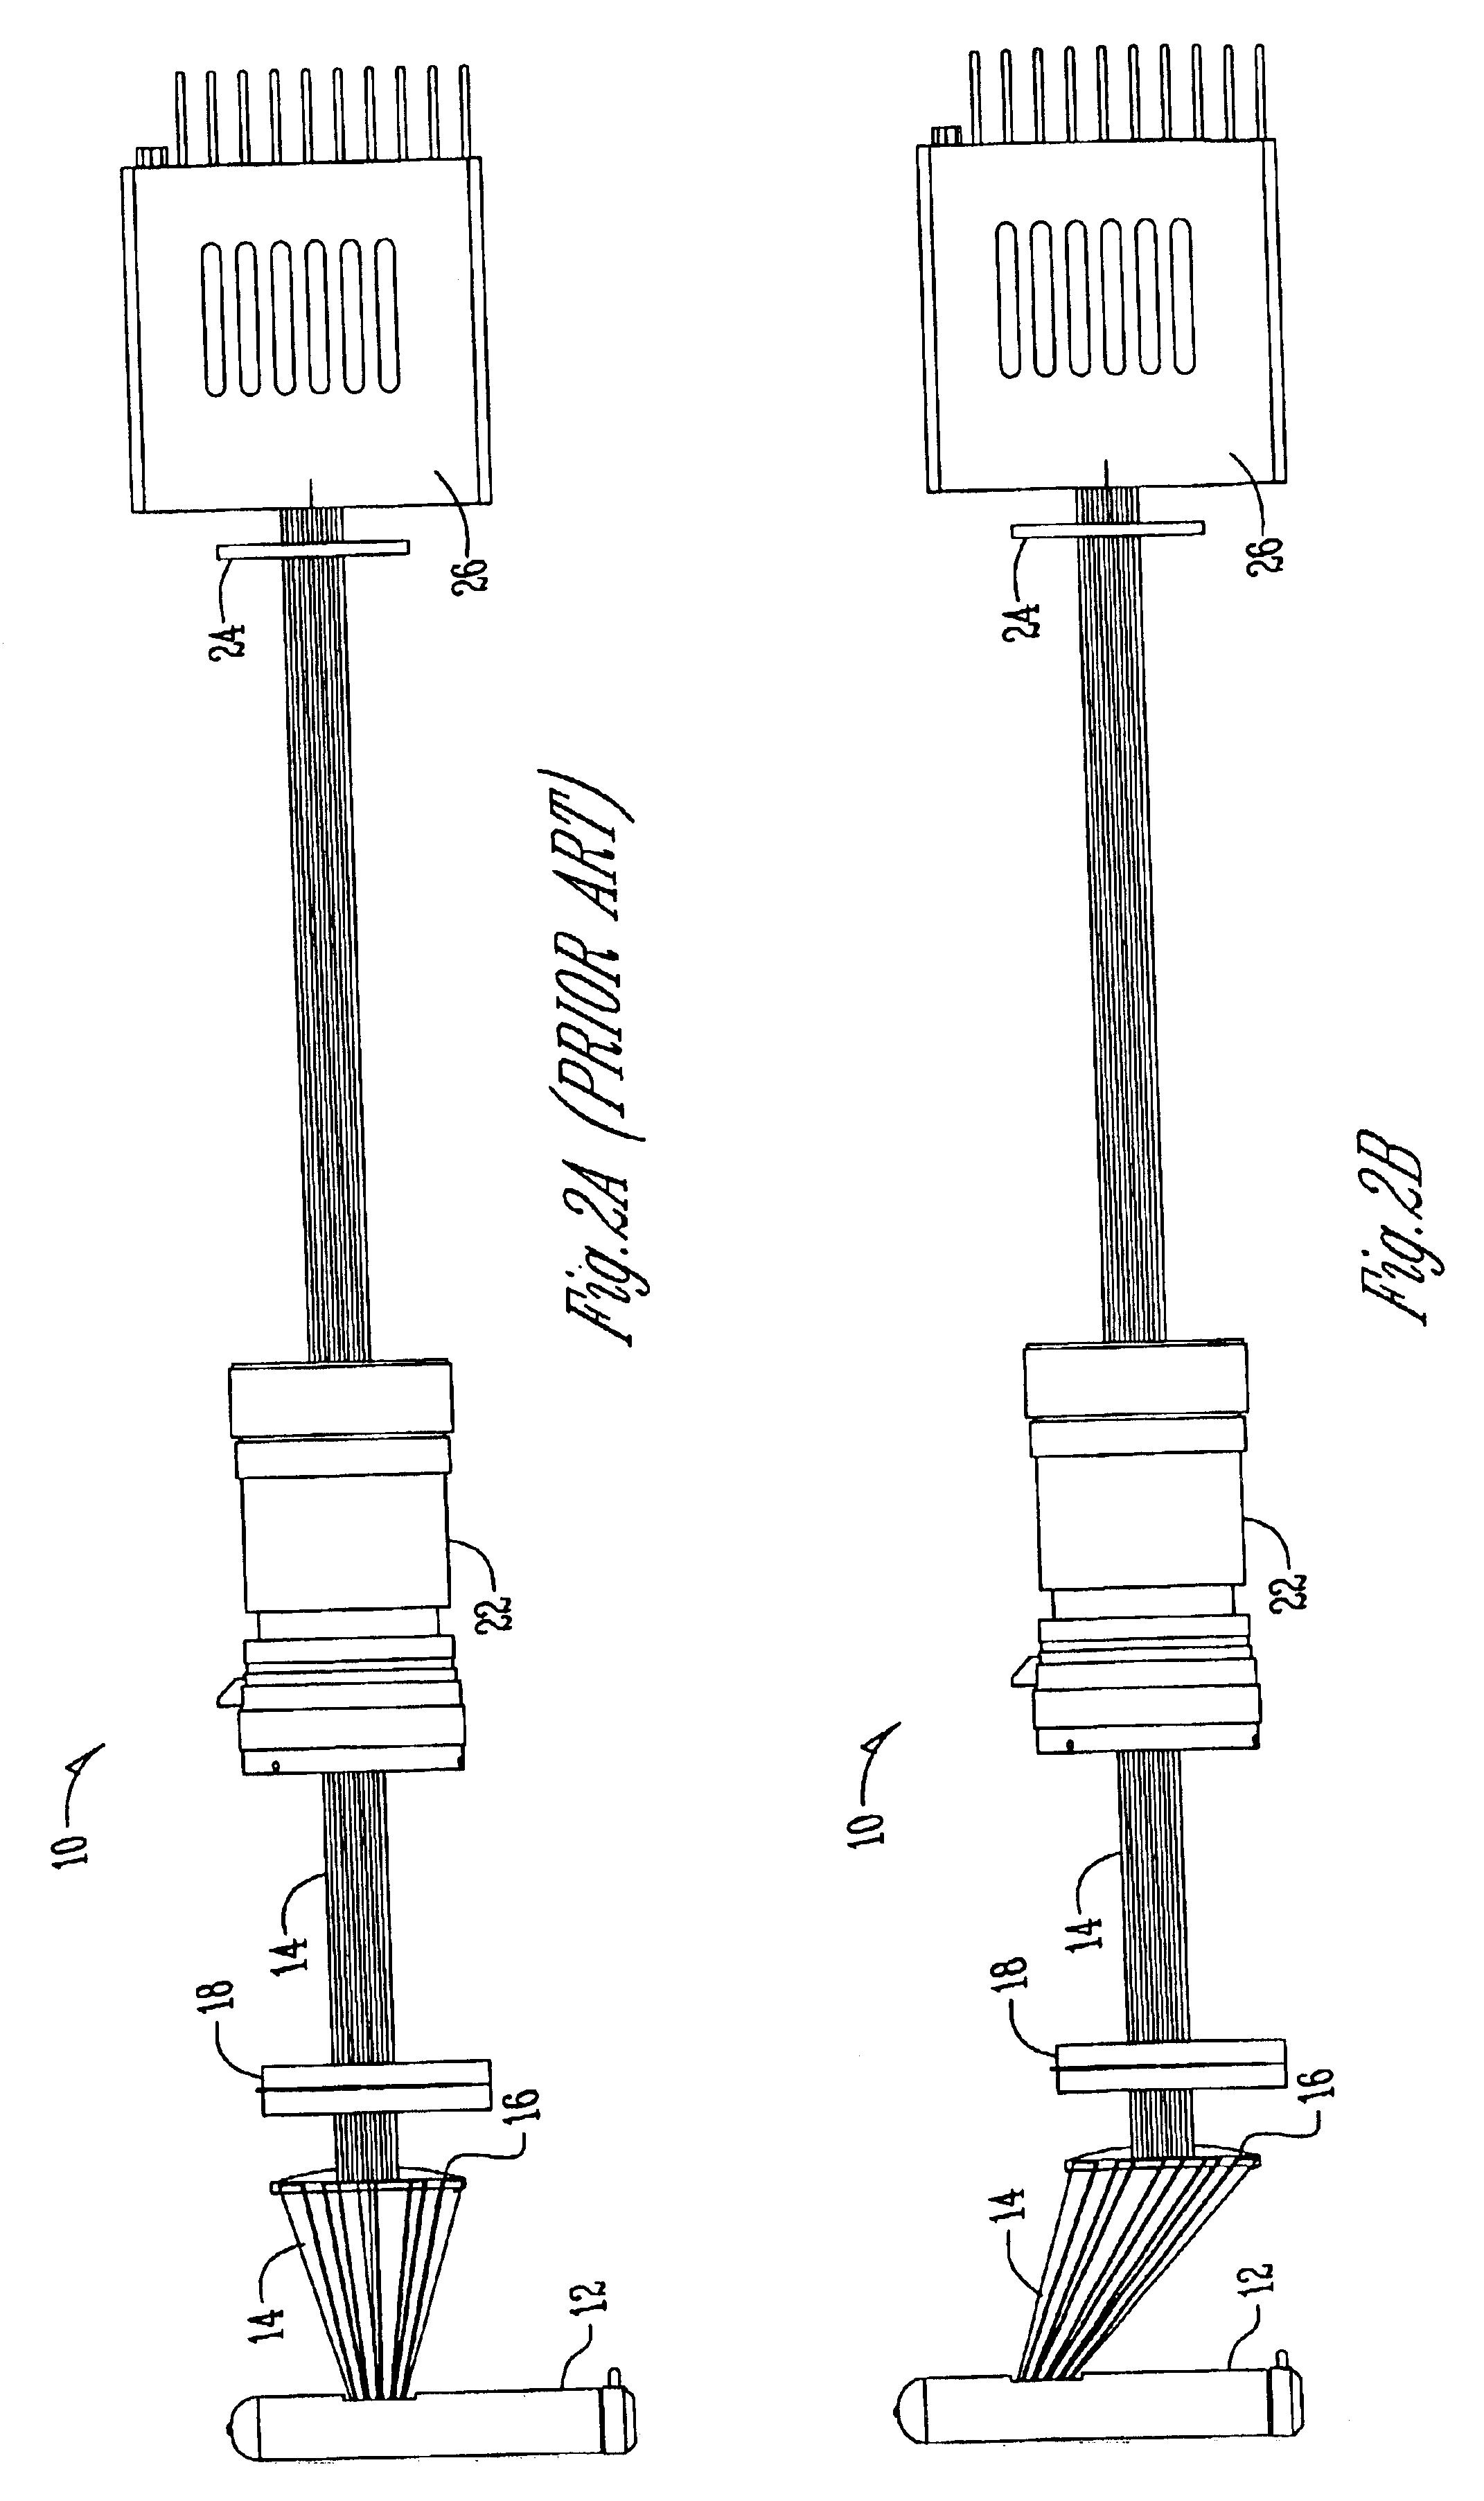 patent us6833919